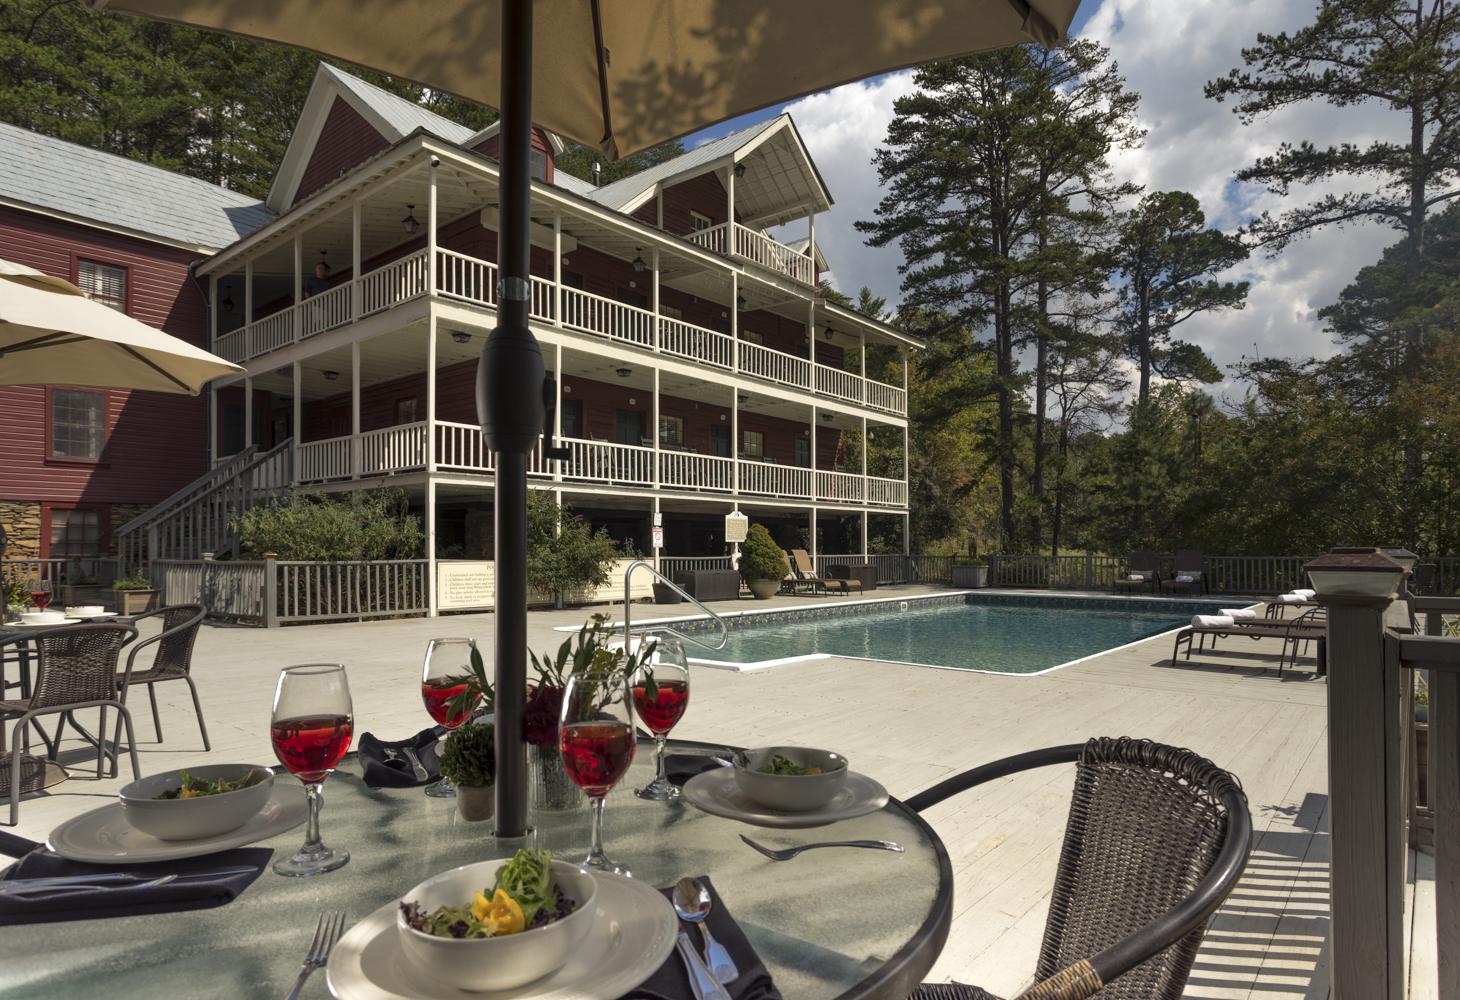 Glen-Ella Springs Inn & Restaurant